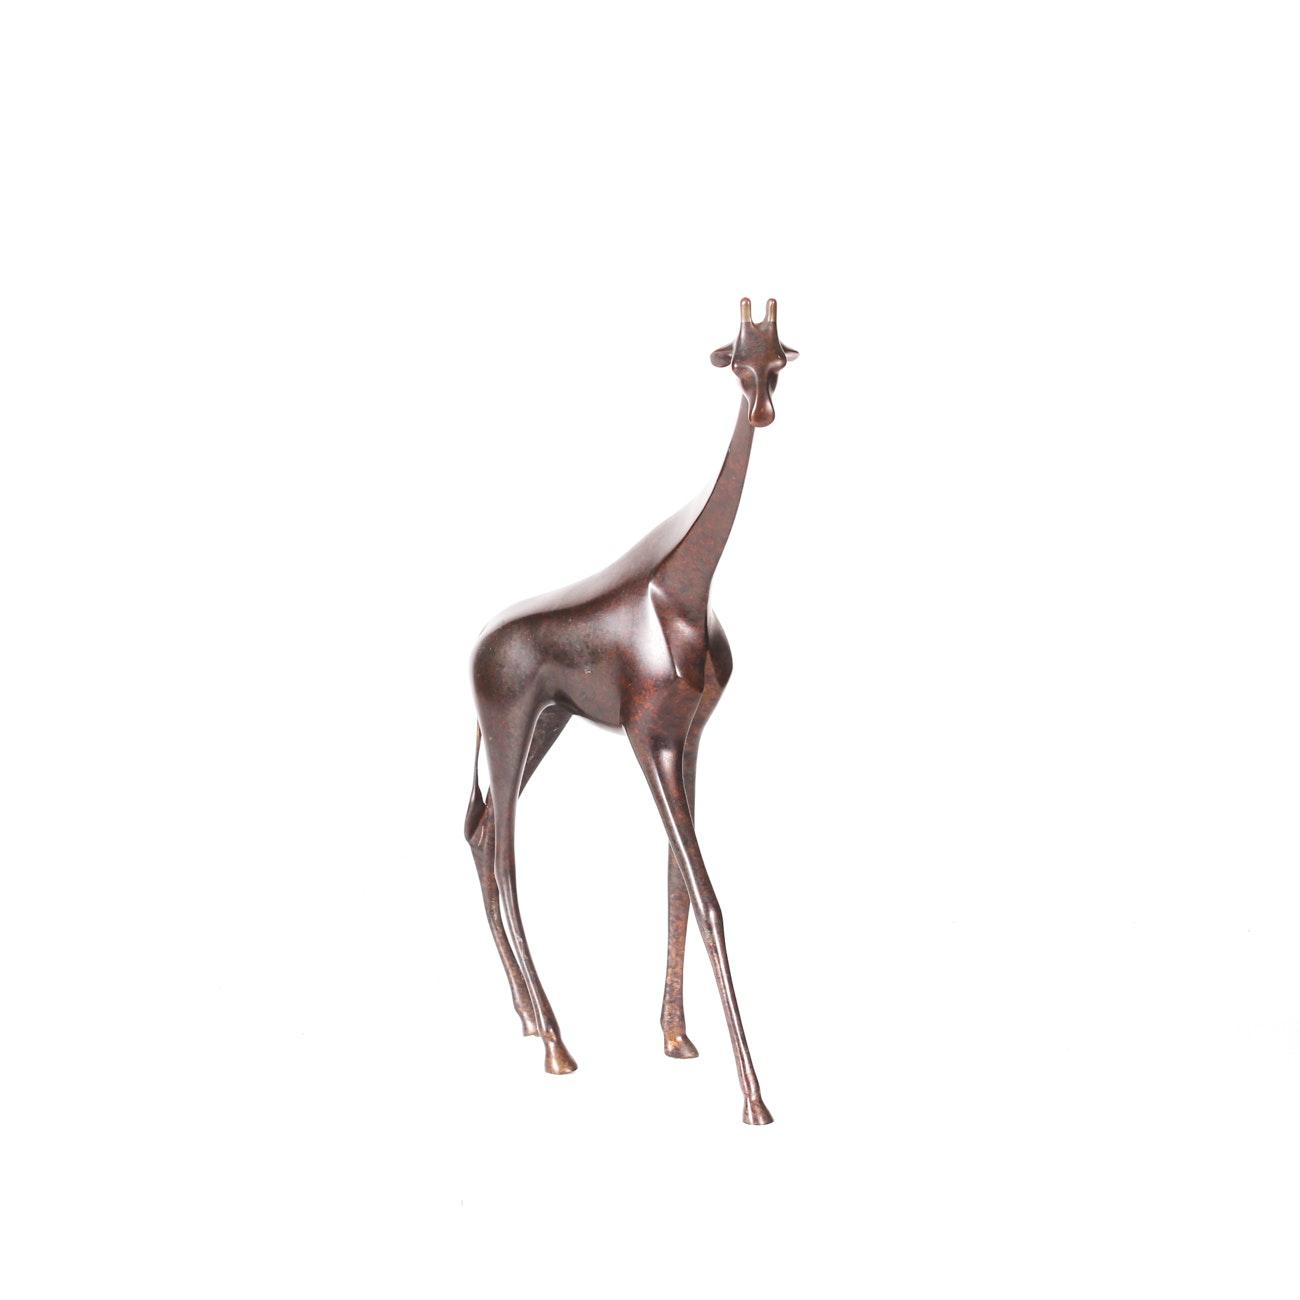 Loet Vanderveen Limited Edition Painted Bronze Sculpture of Giraffe